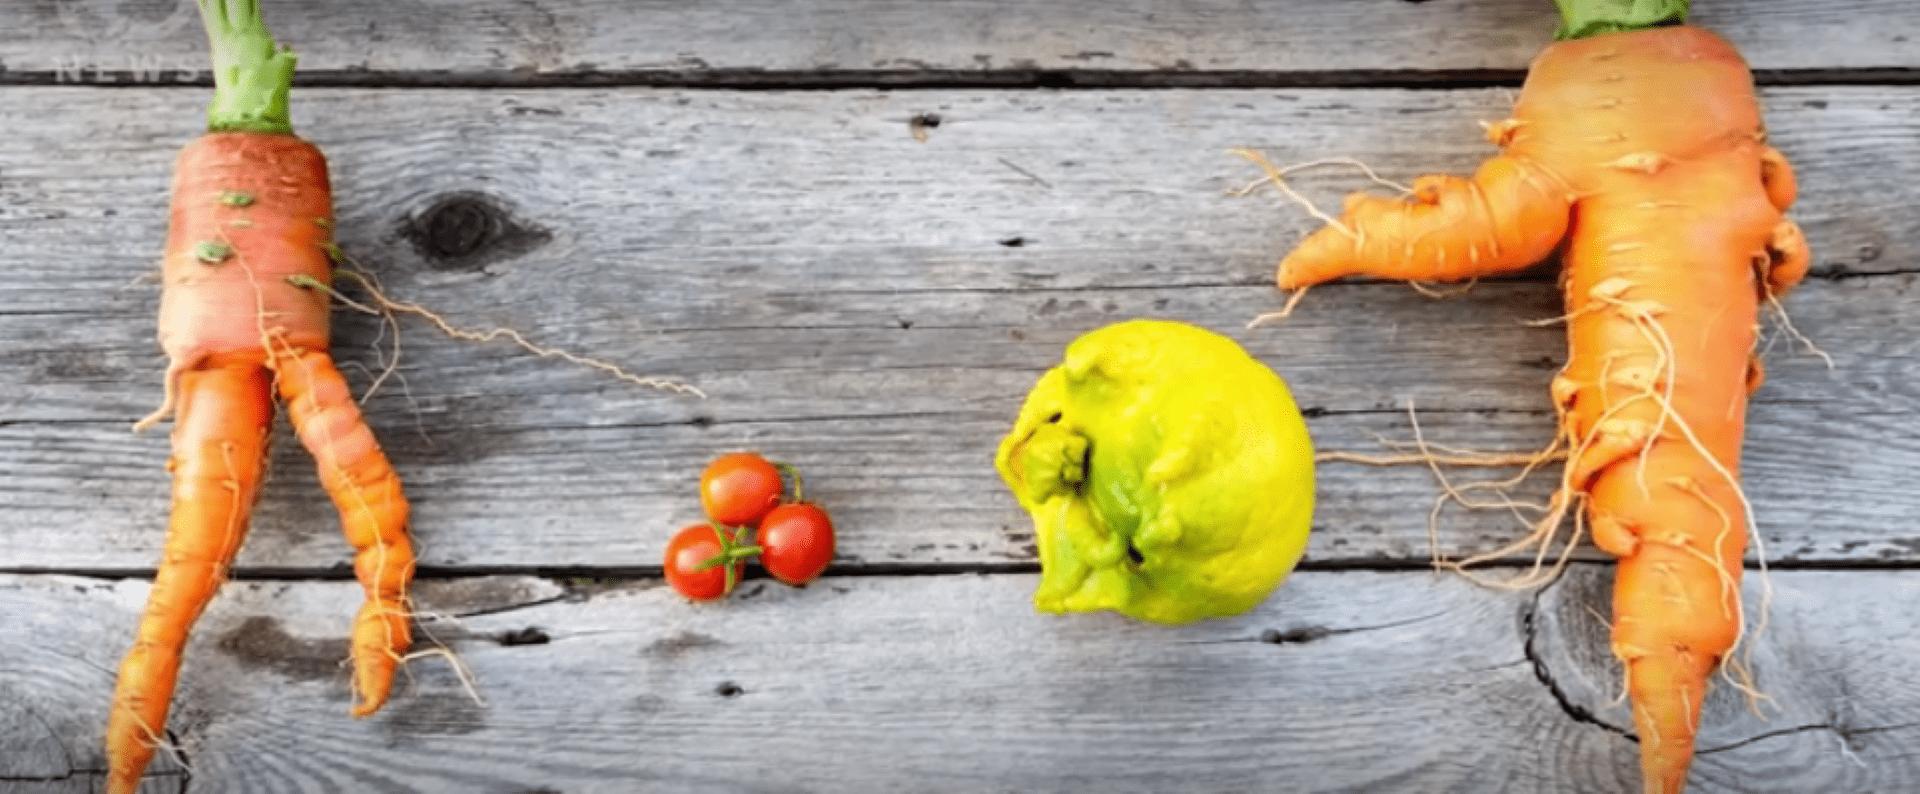 Video: waarom laten we 'lelijke' groenten en fruit links liggen?